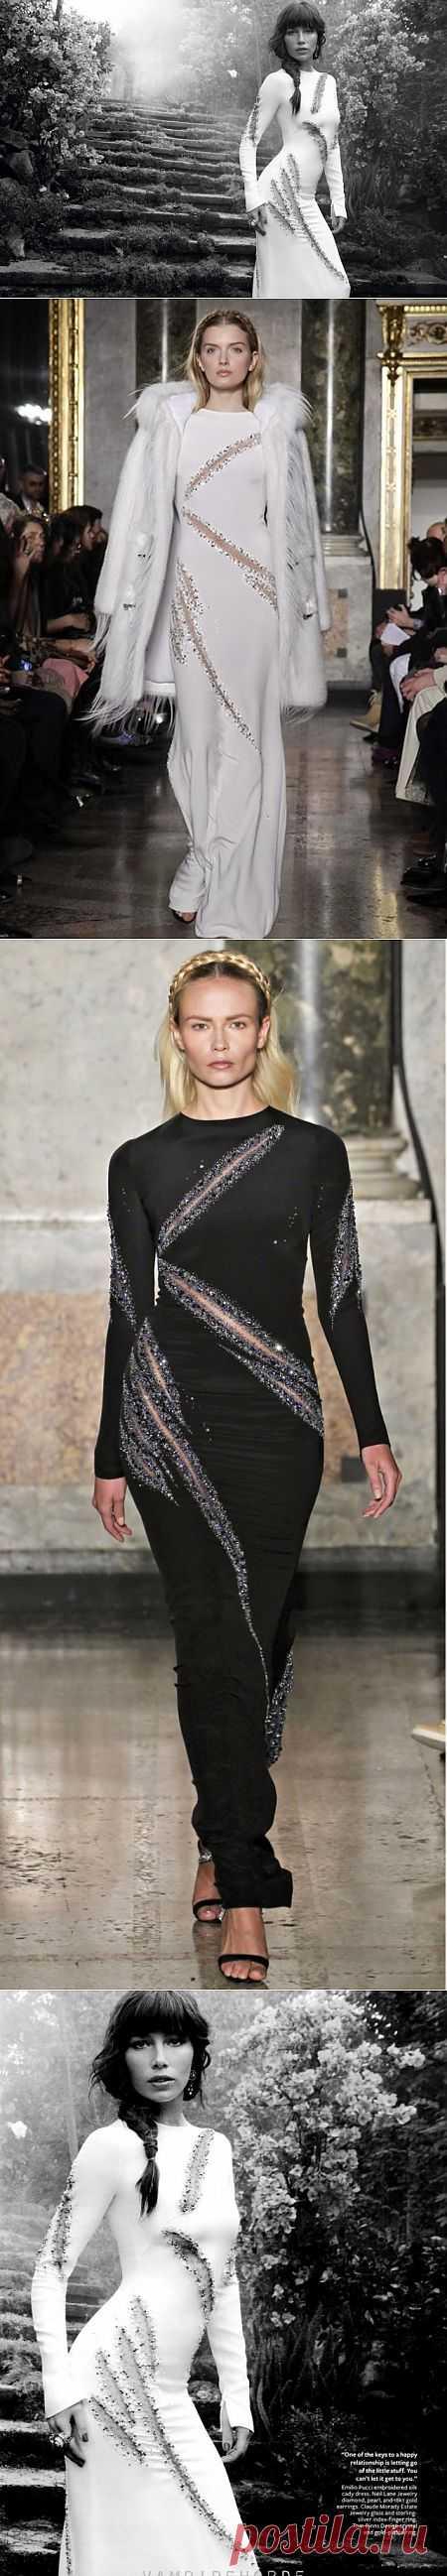 Платье от Фредди Крюгера / Вещь / Модный сайт о стильной переделке одежды и интерьера